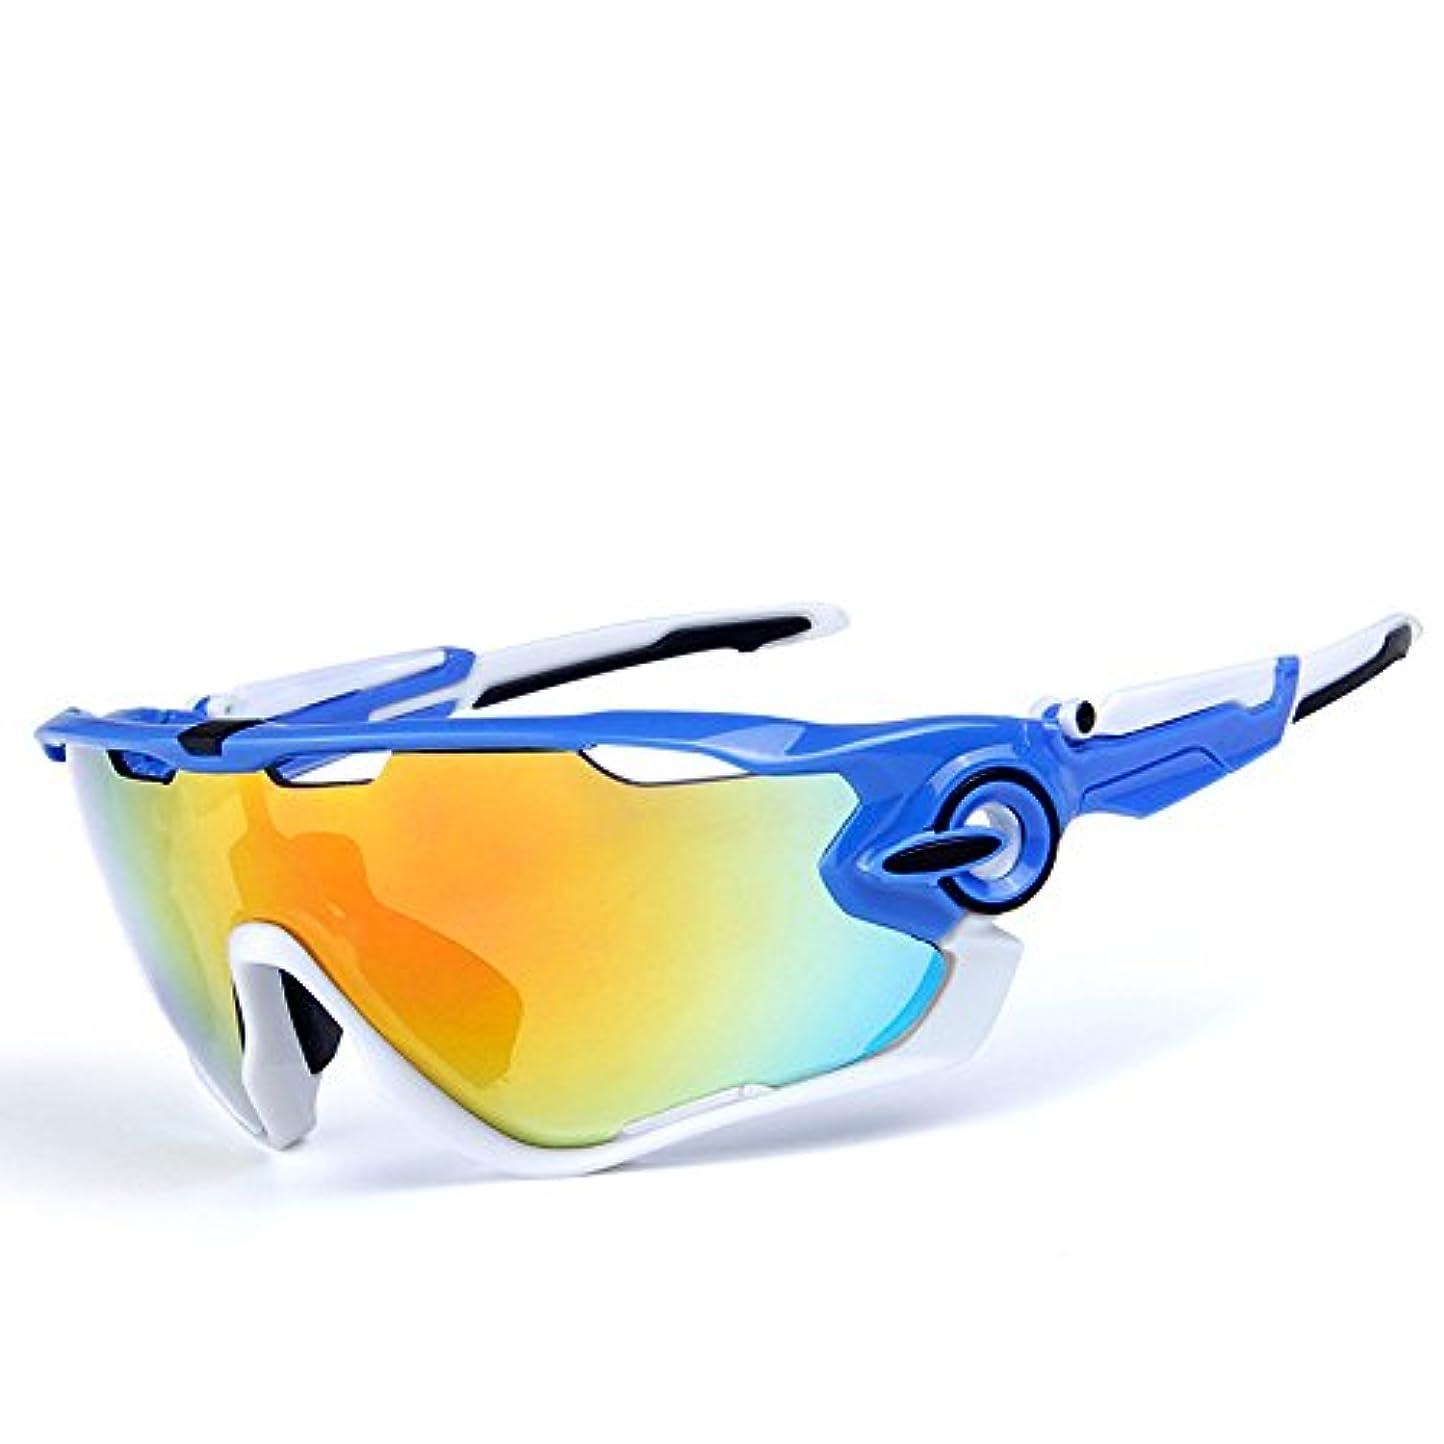 そばに帳面叱る偏光サングラス スポーツサングラス 偏光レンズ 運動メガネ 自転車 UV400 紫外線カット フルセット専用交換レンズ5枚